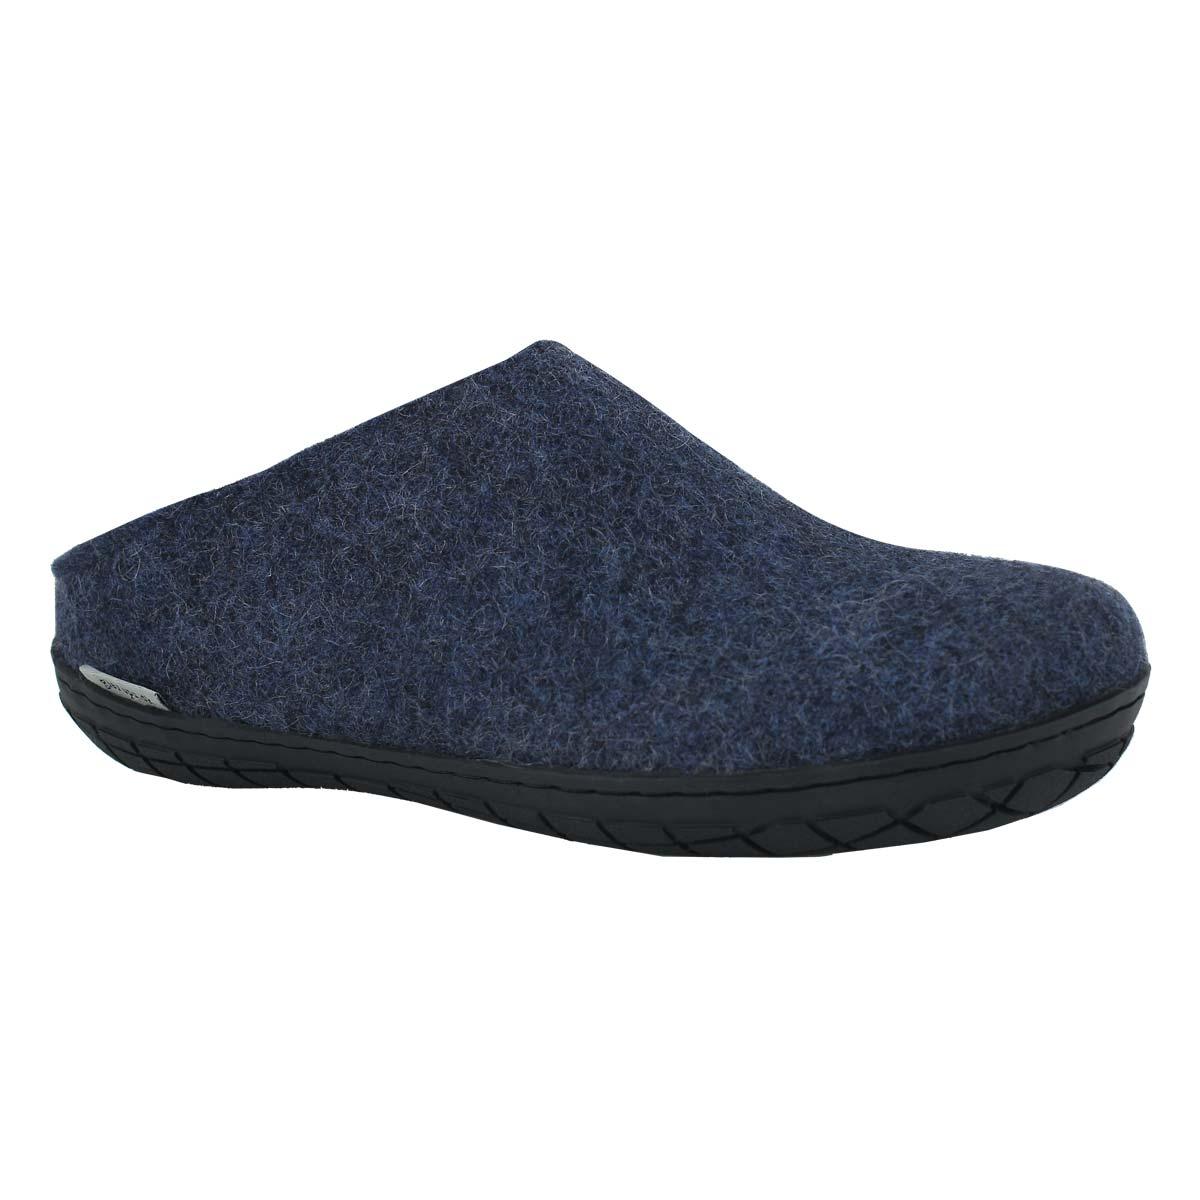 Lds Model BR denim open back slippers